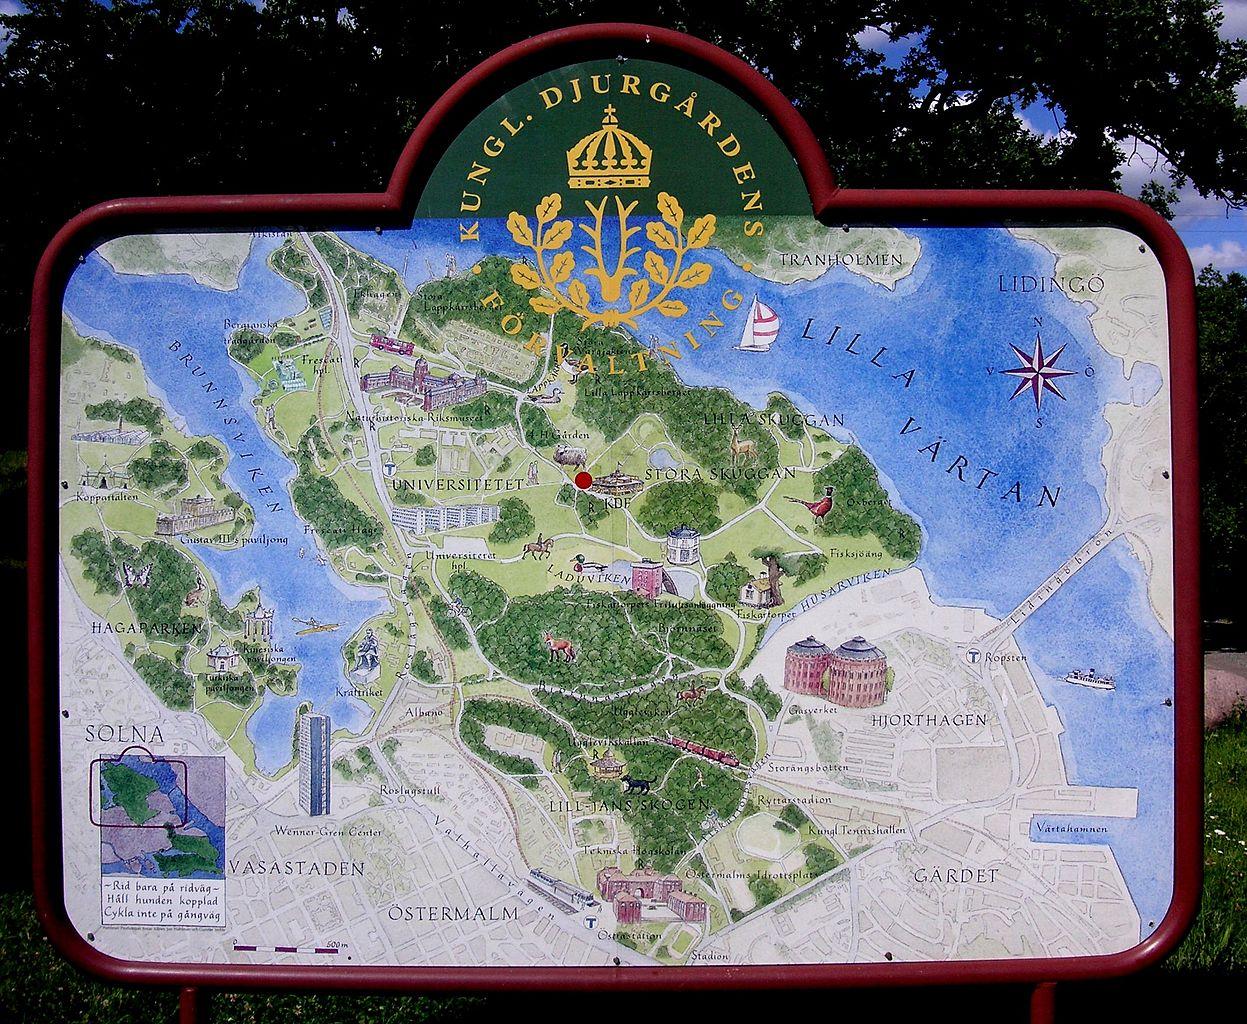 karta stora skuggan File:KDF karta.   Wikimedia Commons karta stora skuggan